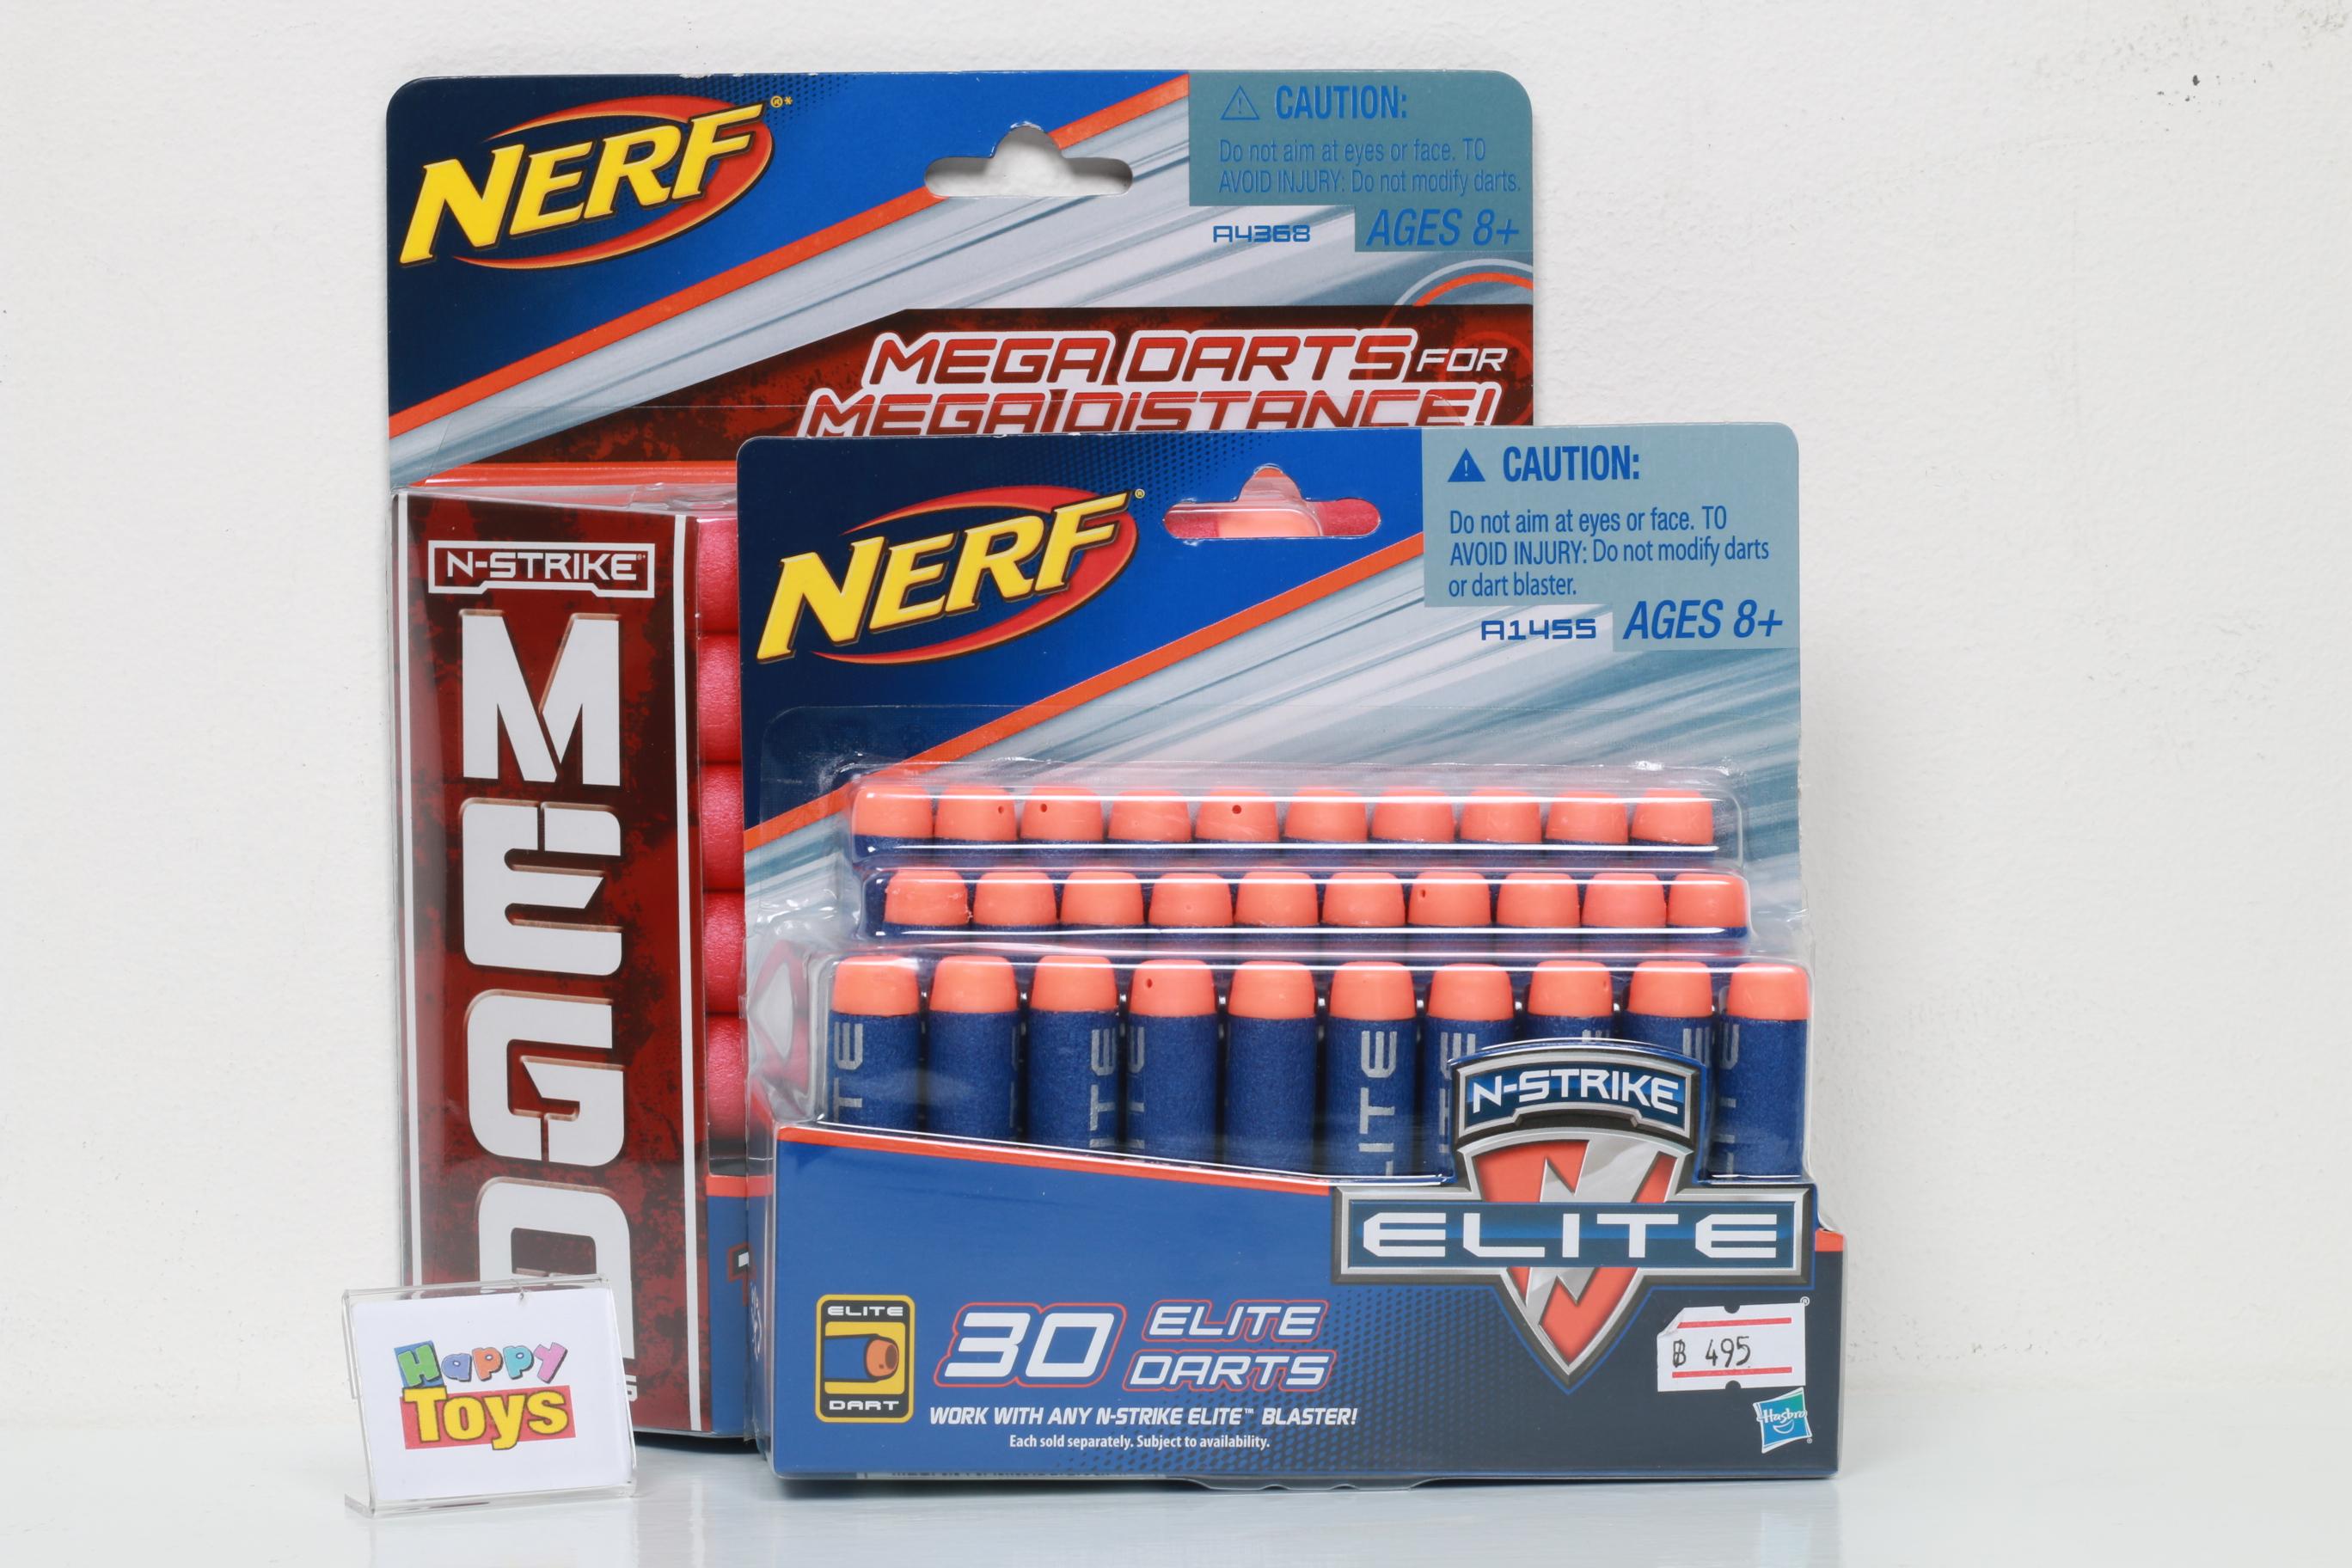 กระสุนปืนเนิร์ฟ Nerf กระสุนปืนฟองน้ำ กระสุนปืนnerf ลิขสิทธ์แท้จาก hasbro